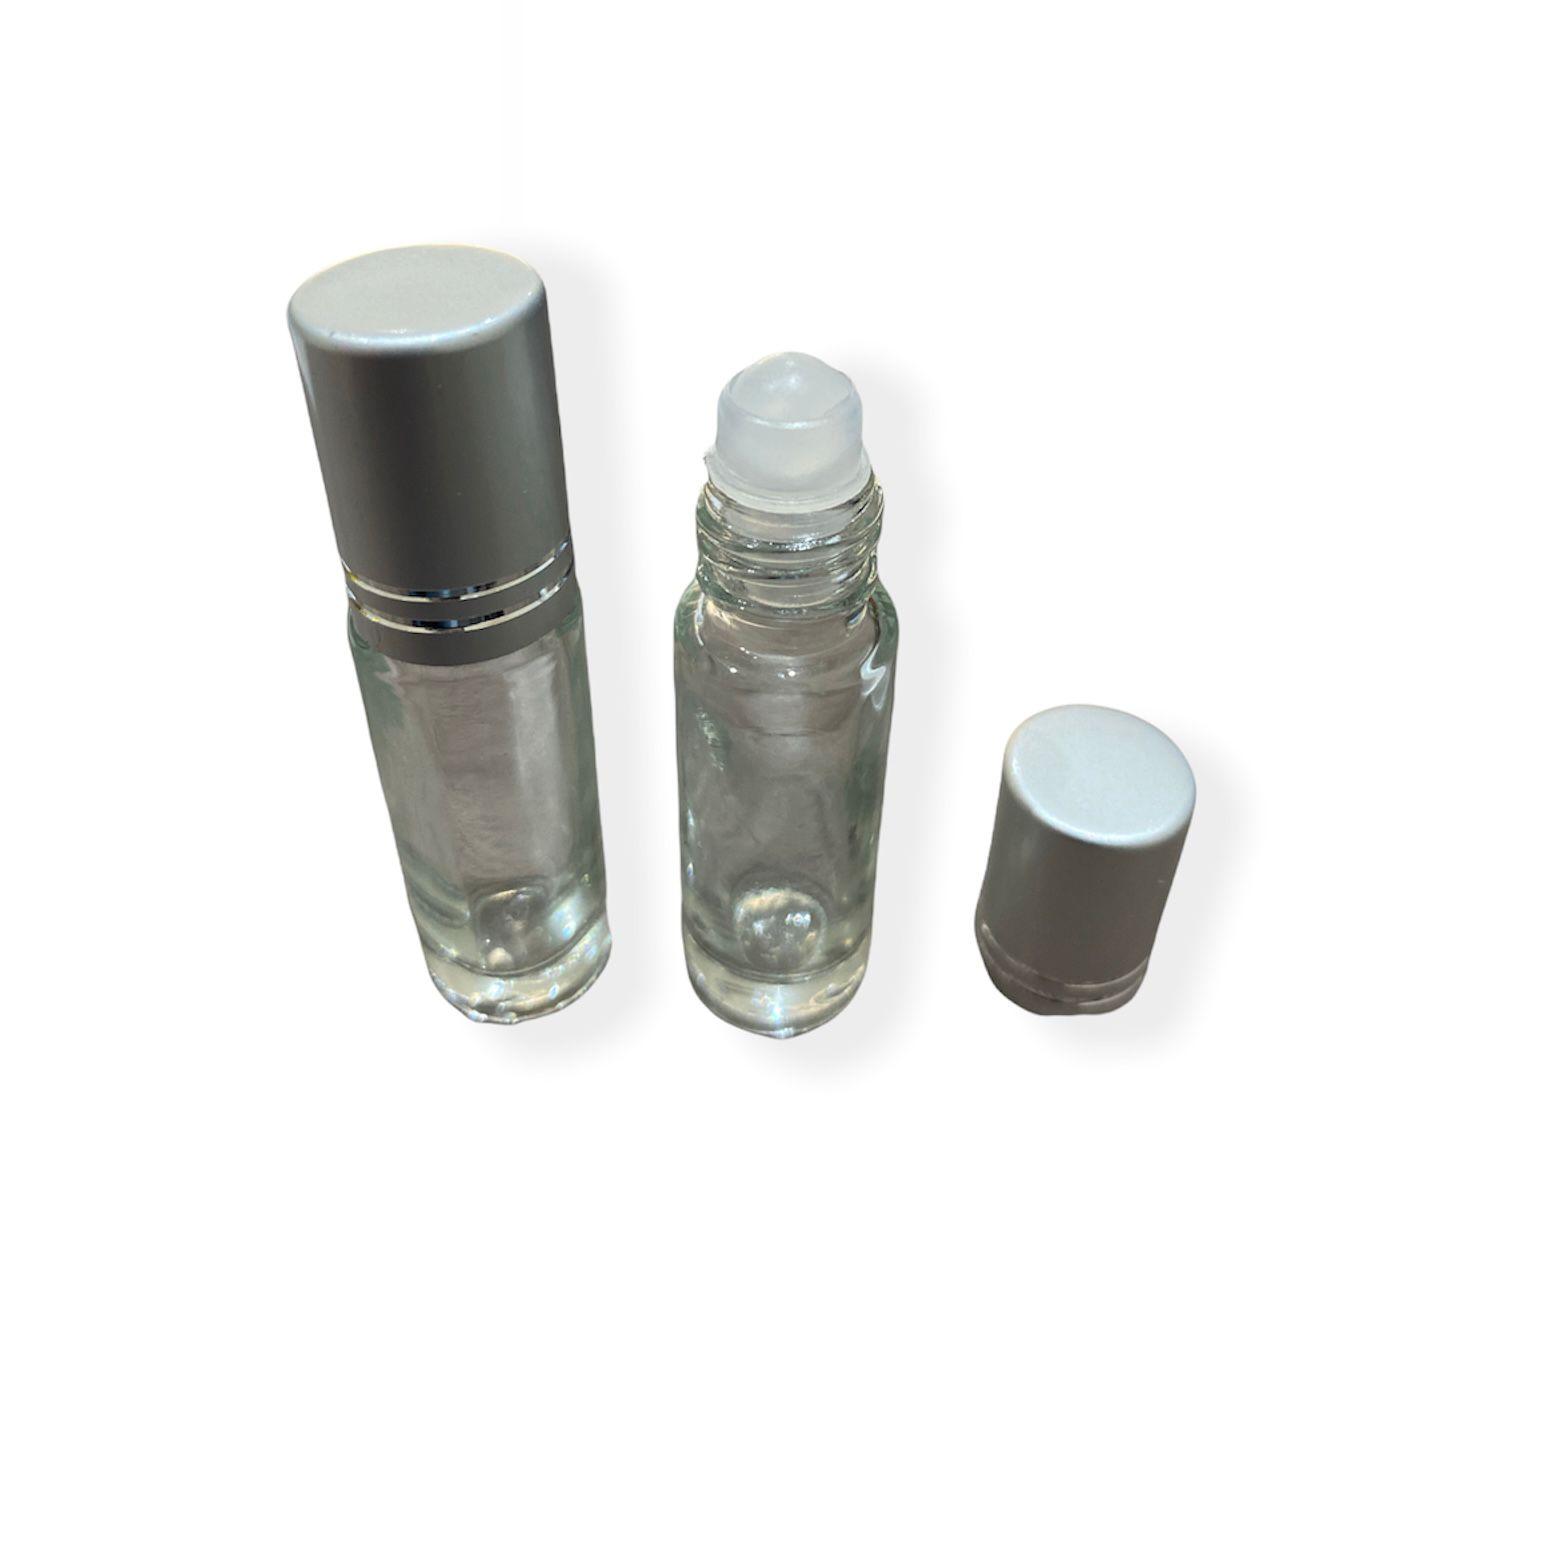 10 Frascos Vidro Rollon Incolor 5ml tampa prata e esfera plástica